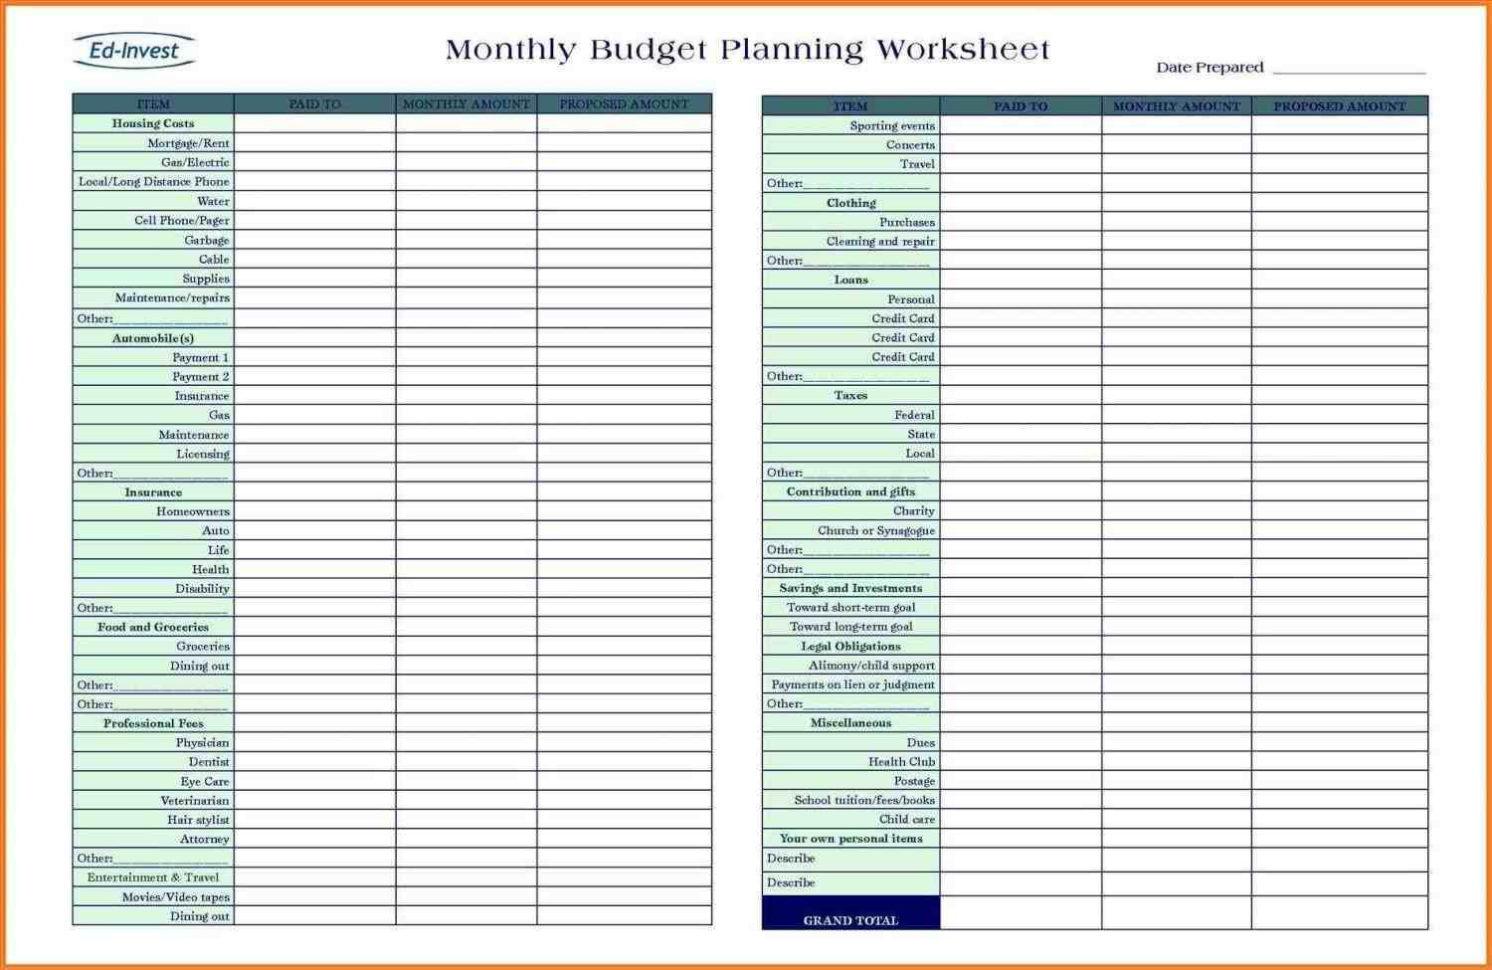 Wedding Planning Checklist Excel Spreadsheet With Wedding Planning Checklist Indonesia – Free Wedding Template